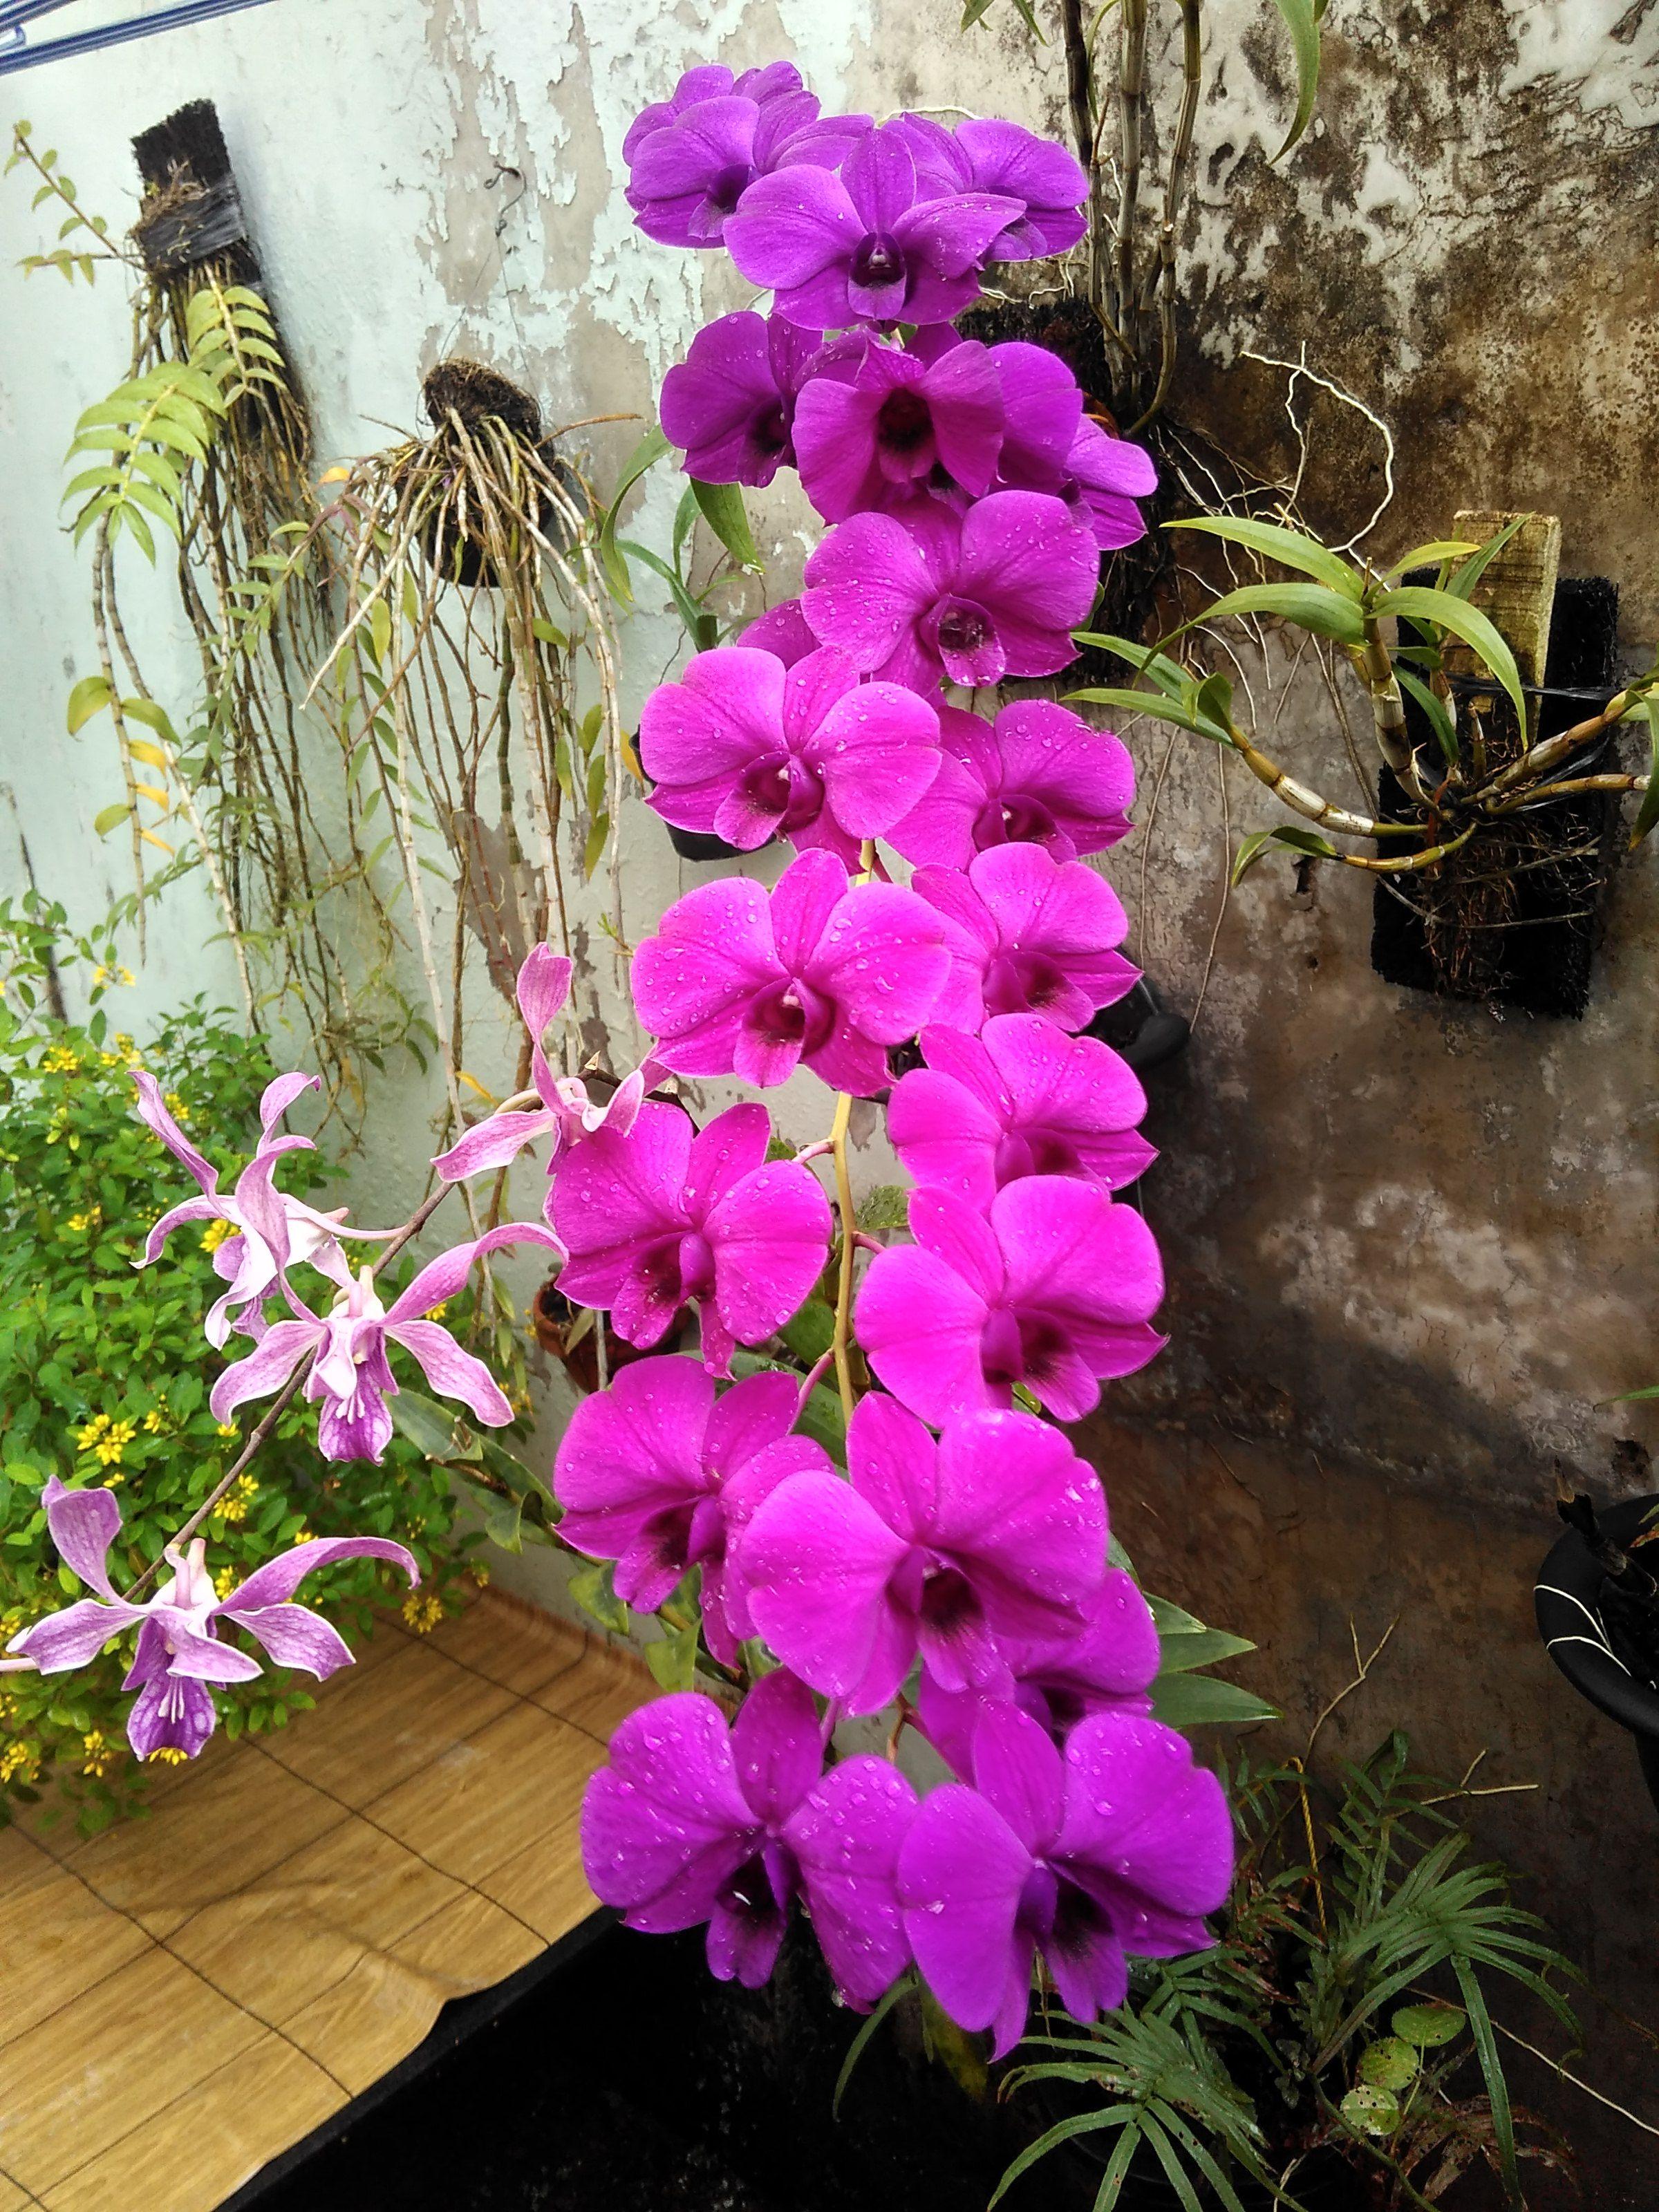 Bunga Tropis Anggrek Dendrobium Orchid Sinar Matahari 75